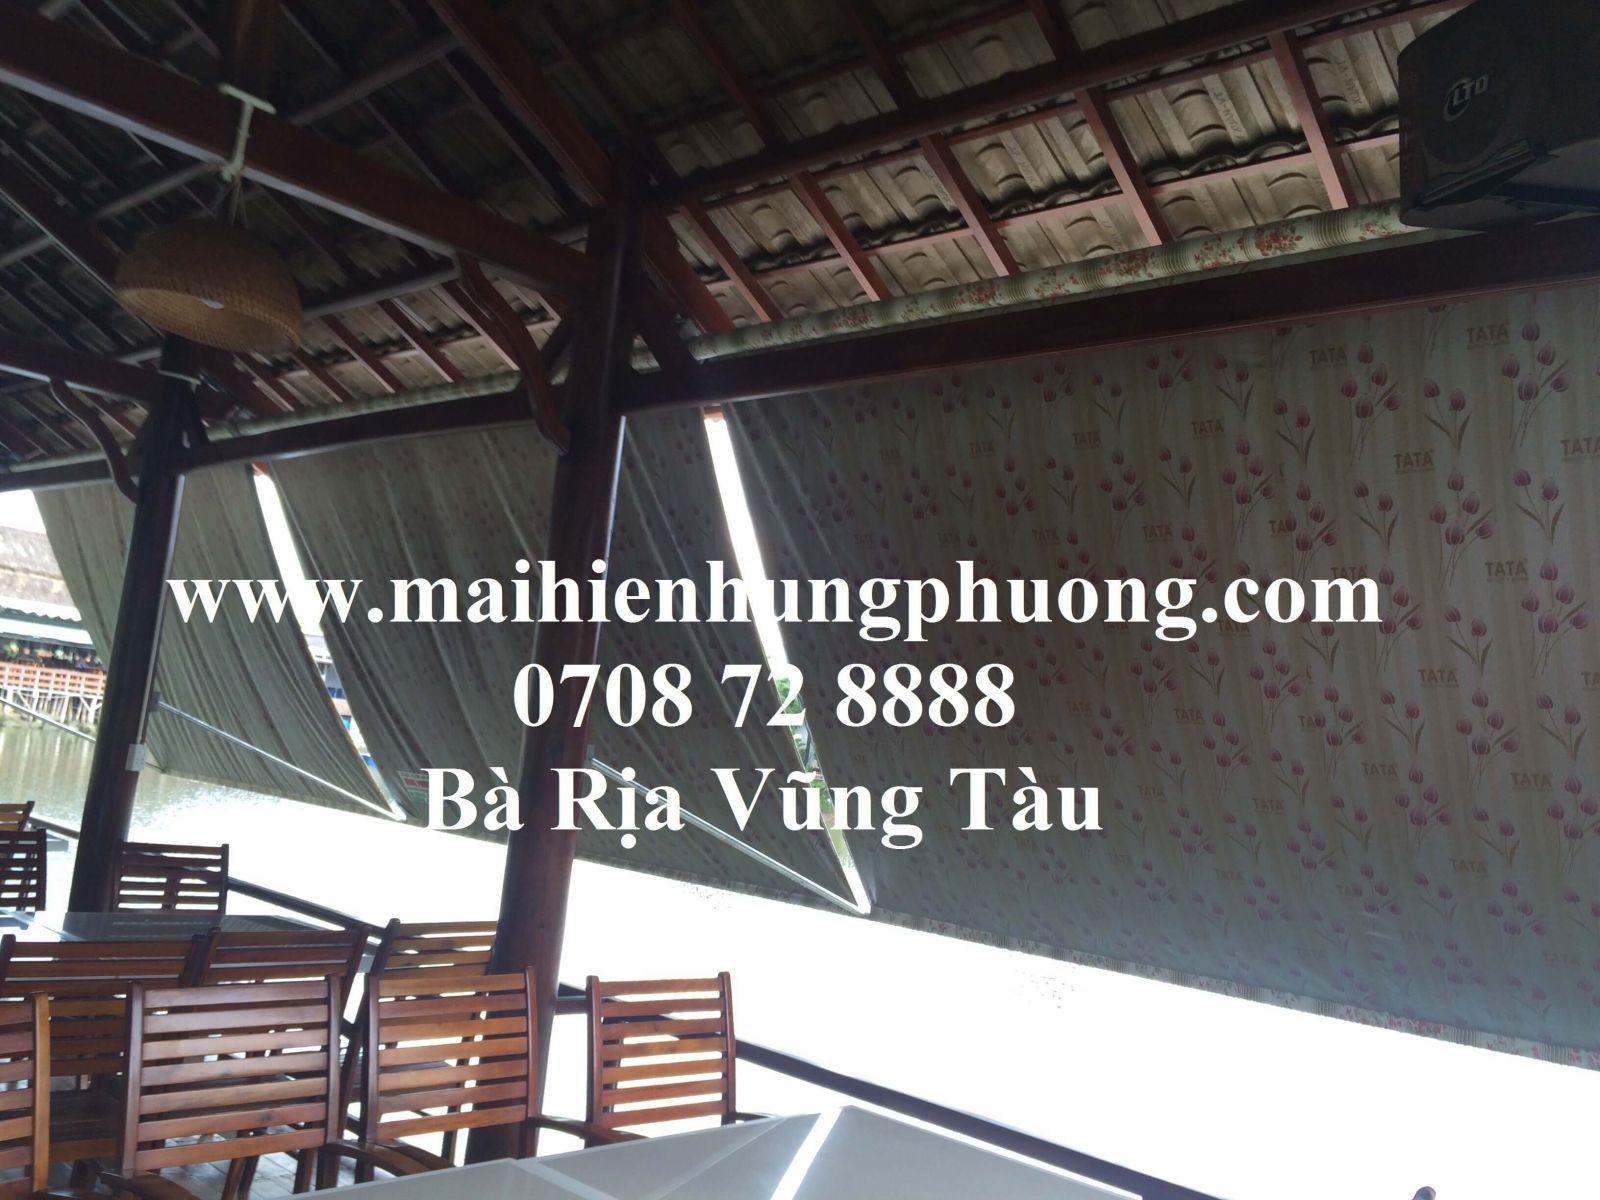 mái xếp bạt kéo tại Bà Rịa Vũng Tàu